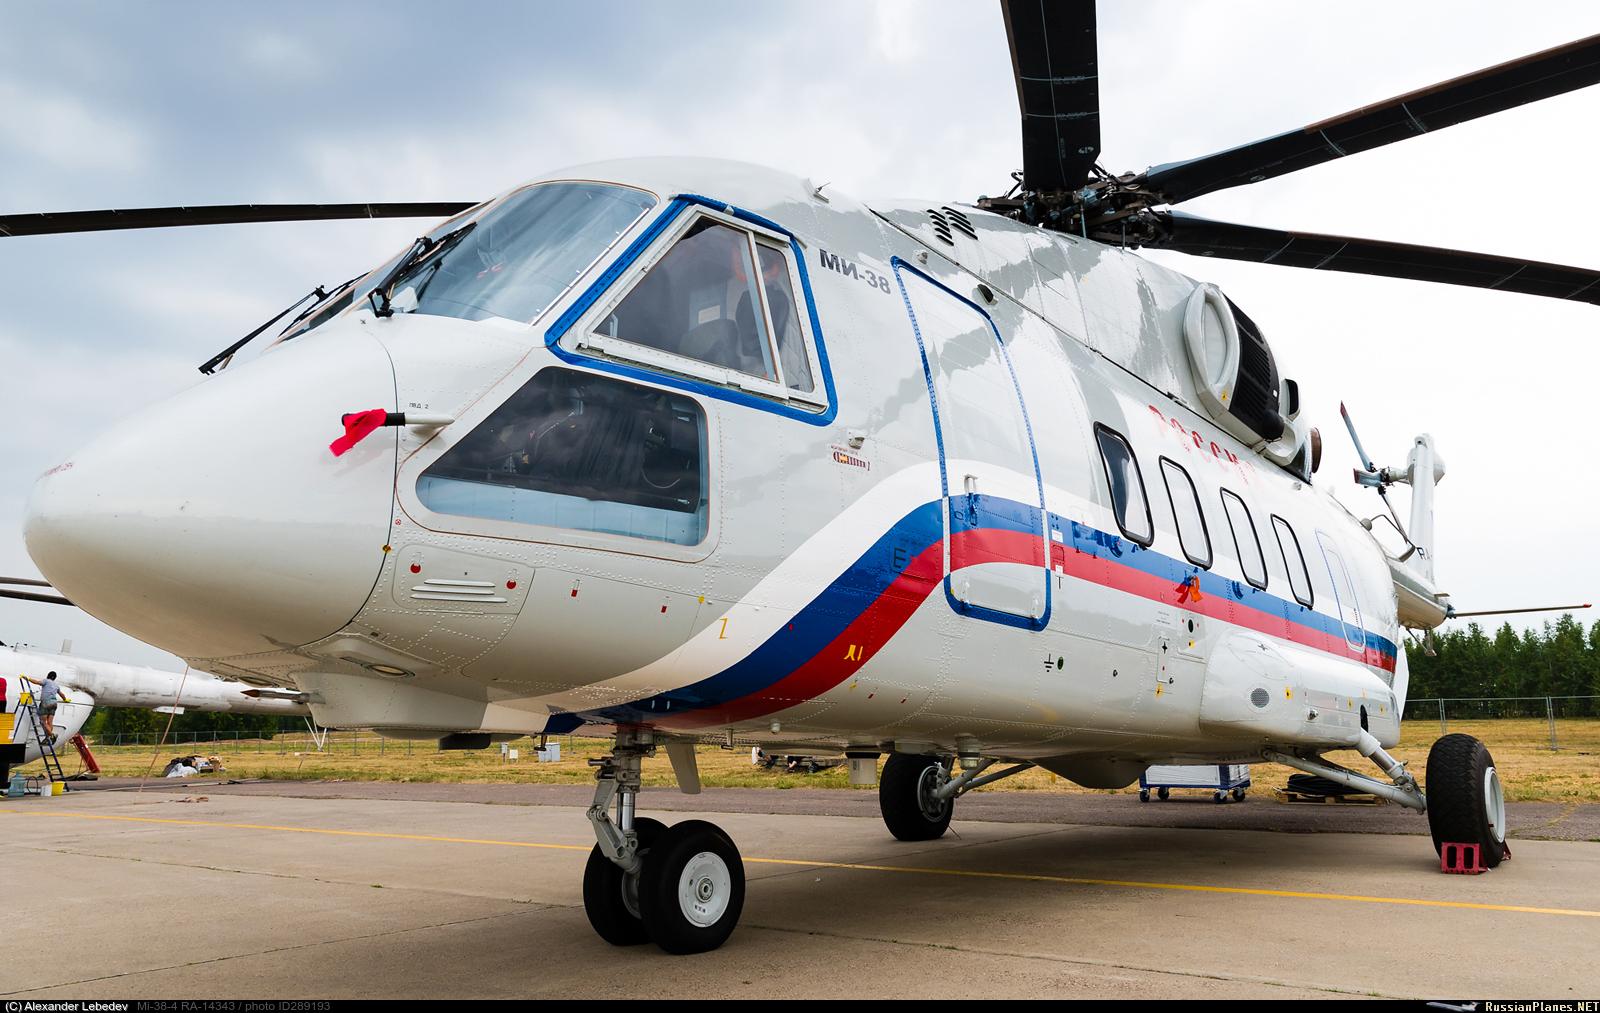 Mi-8/17, Μi-38, Mi-26: News - Page 14 289193